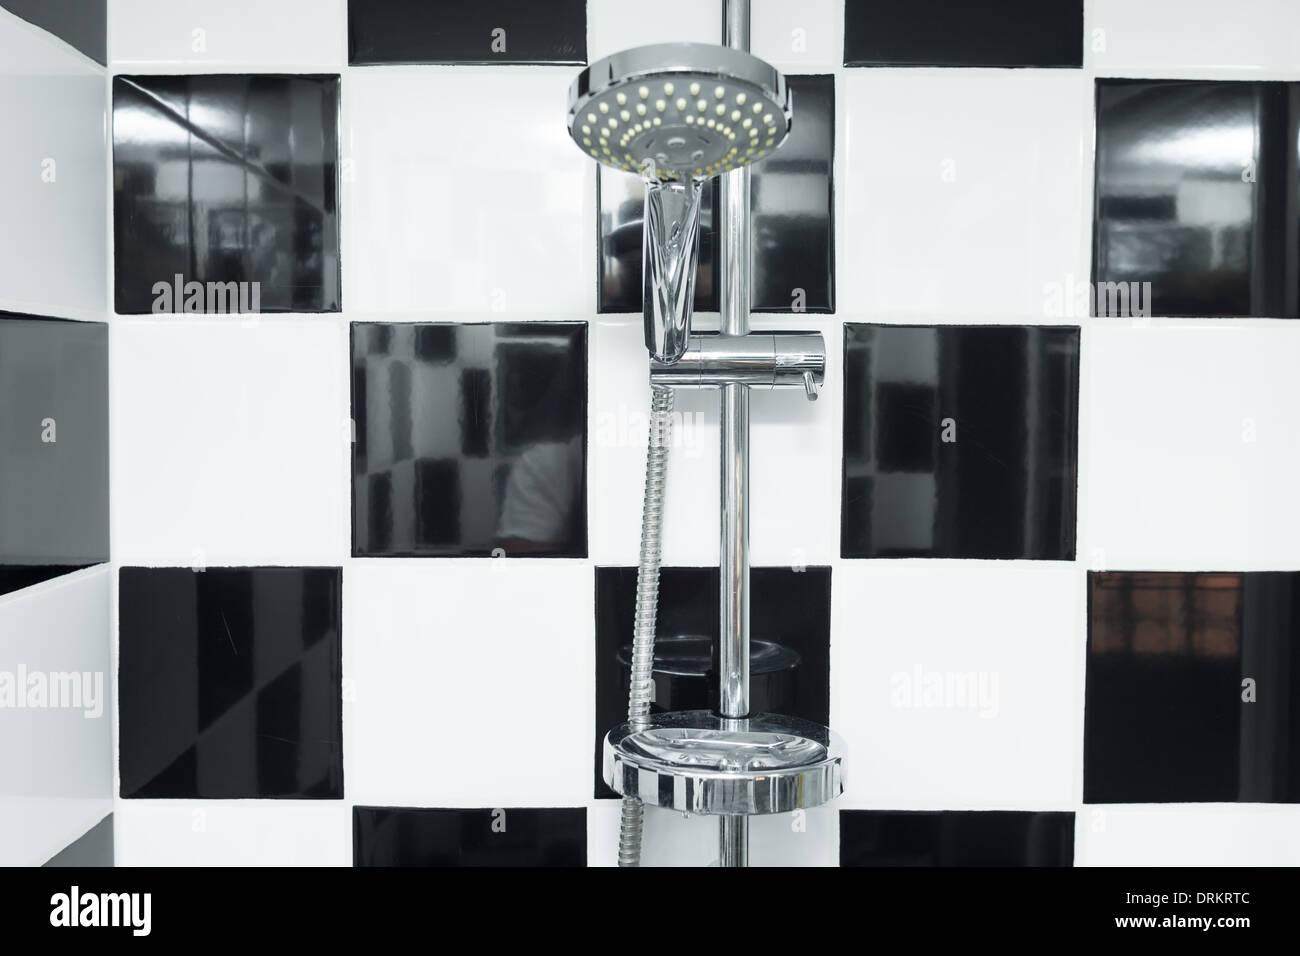 Tête de douche moderne dans une salle de bains avec carrelage noir